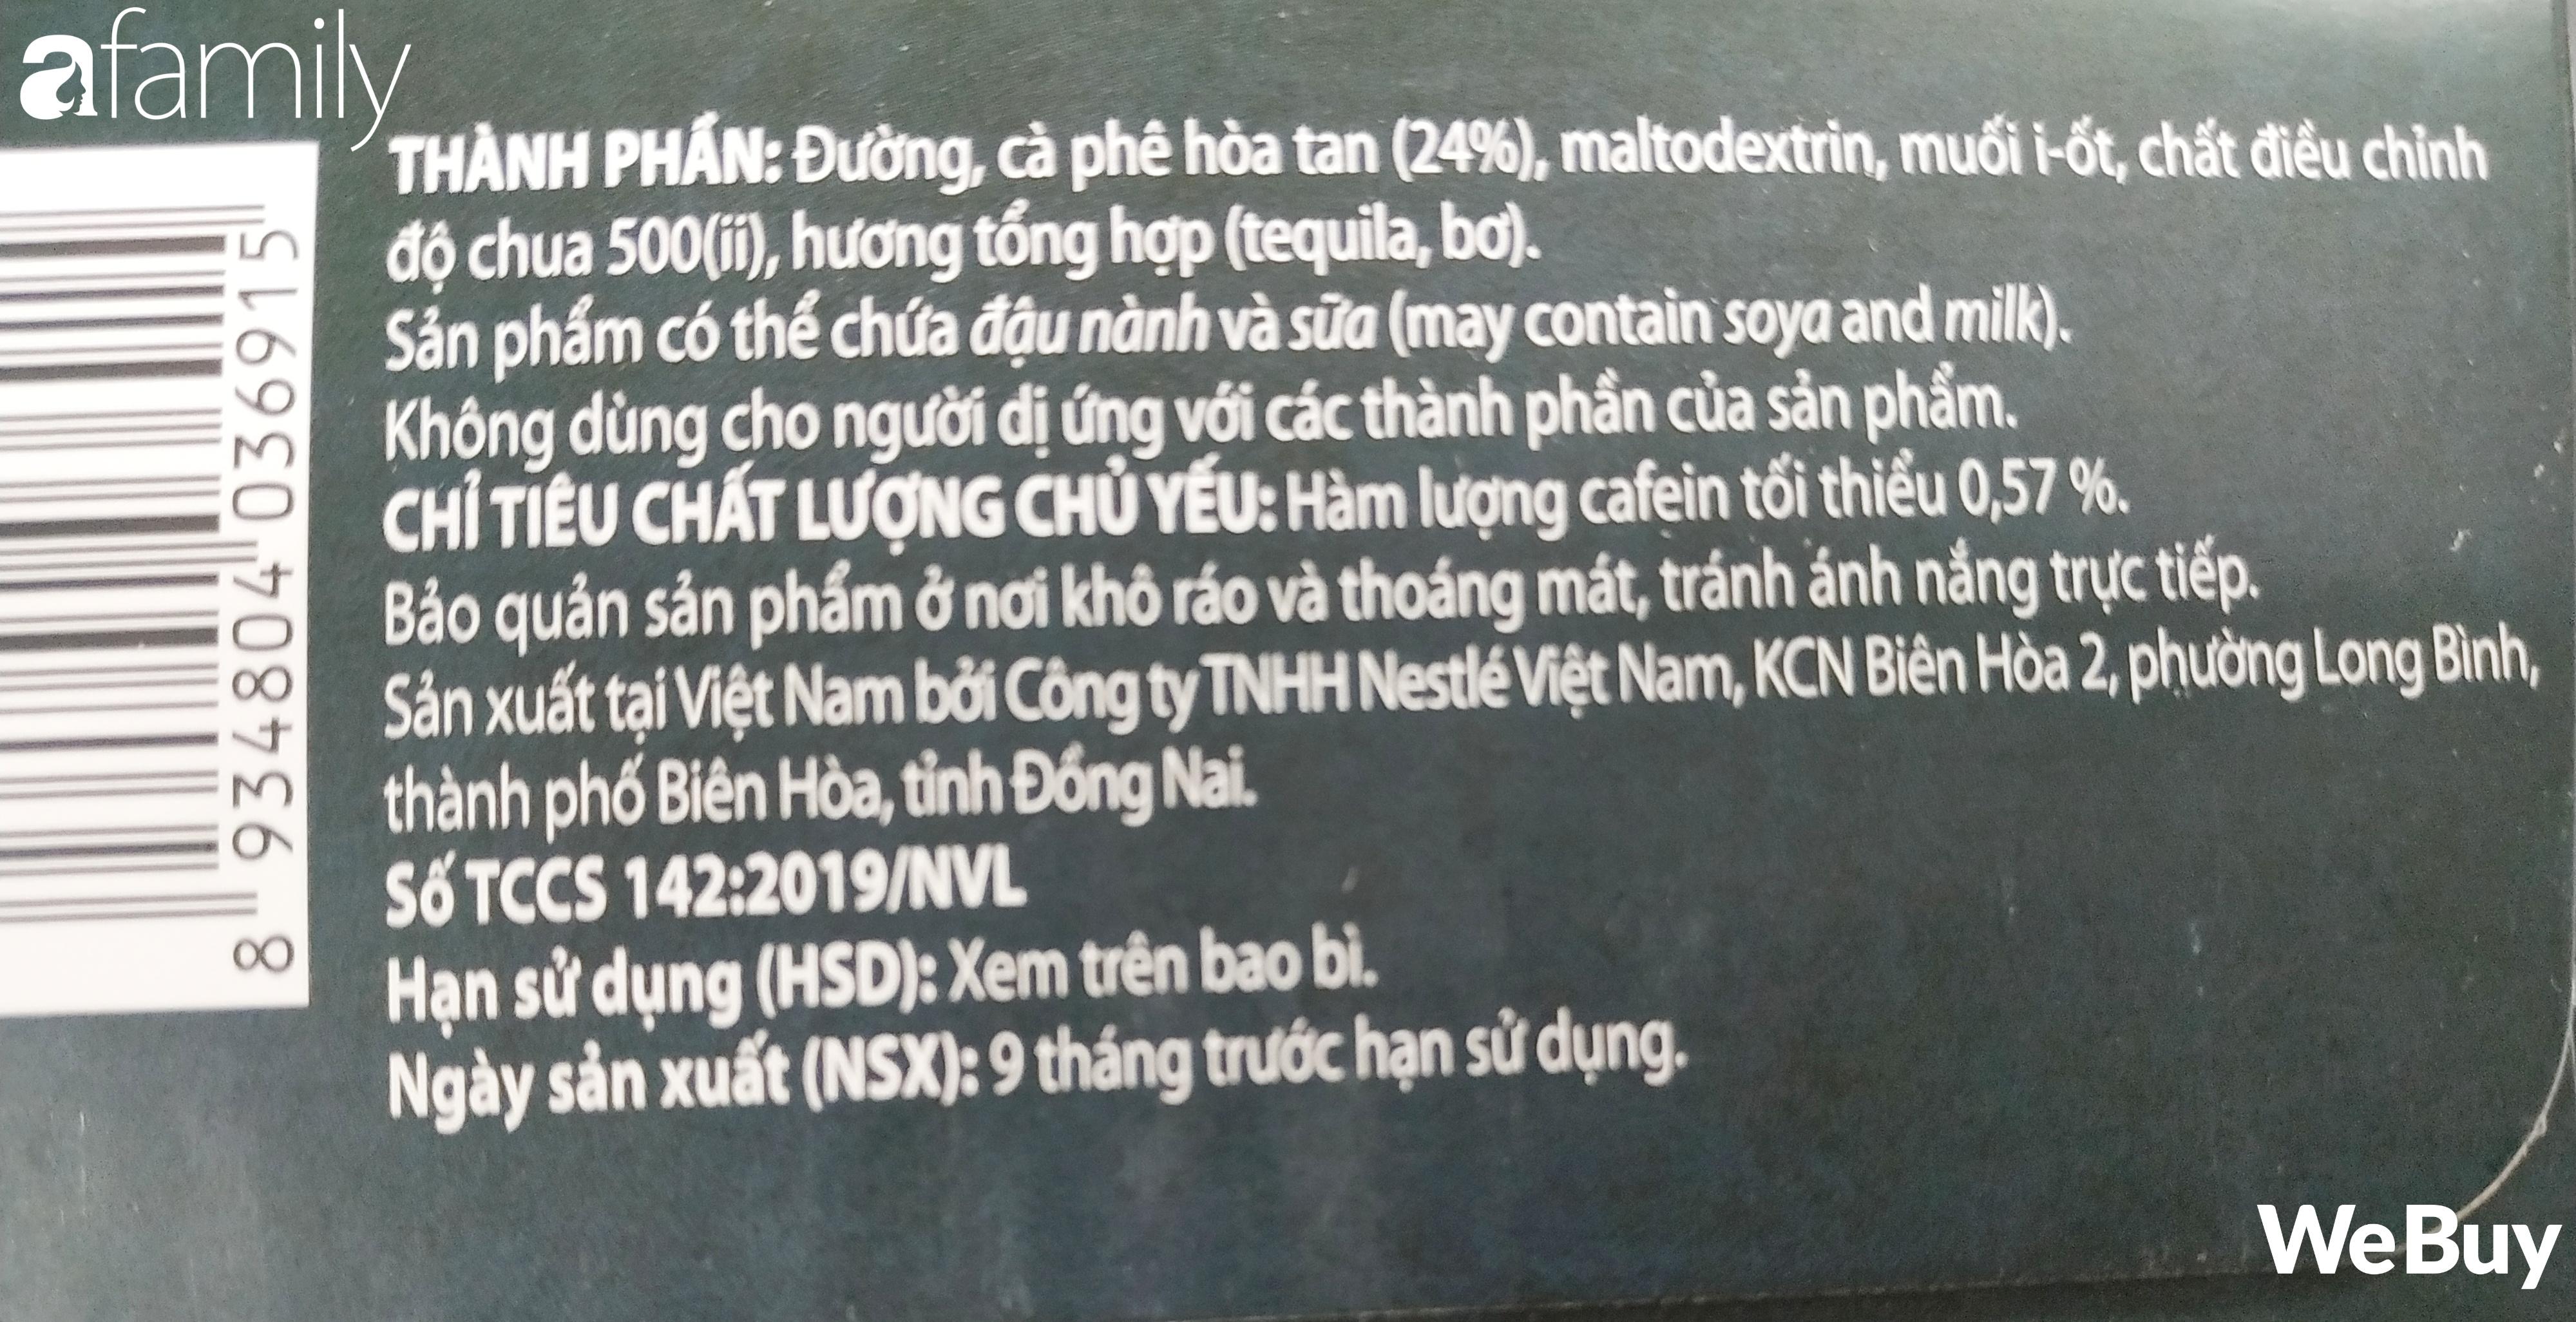 Uống thử cà phê vị rượu sản xuất tại Việt Nam: không chứa cồn, mùi thơm nồng nàn nhưng vị liệu có dễ uống? - Ảnh 3.